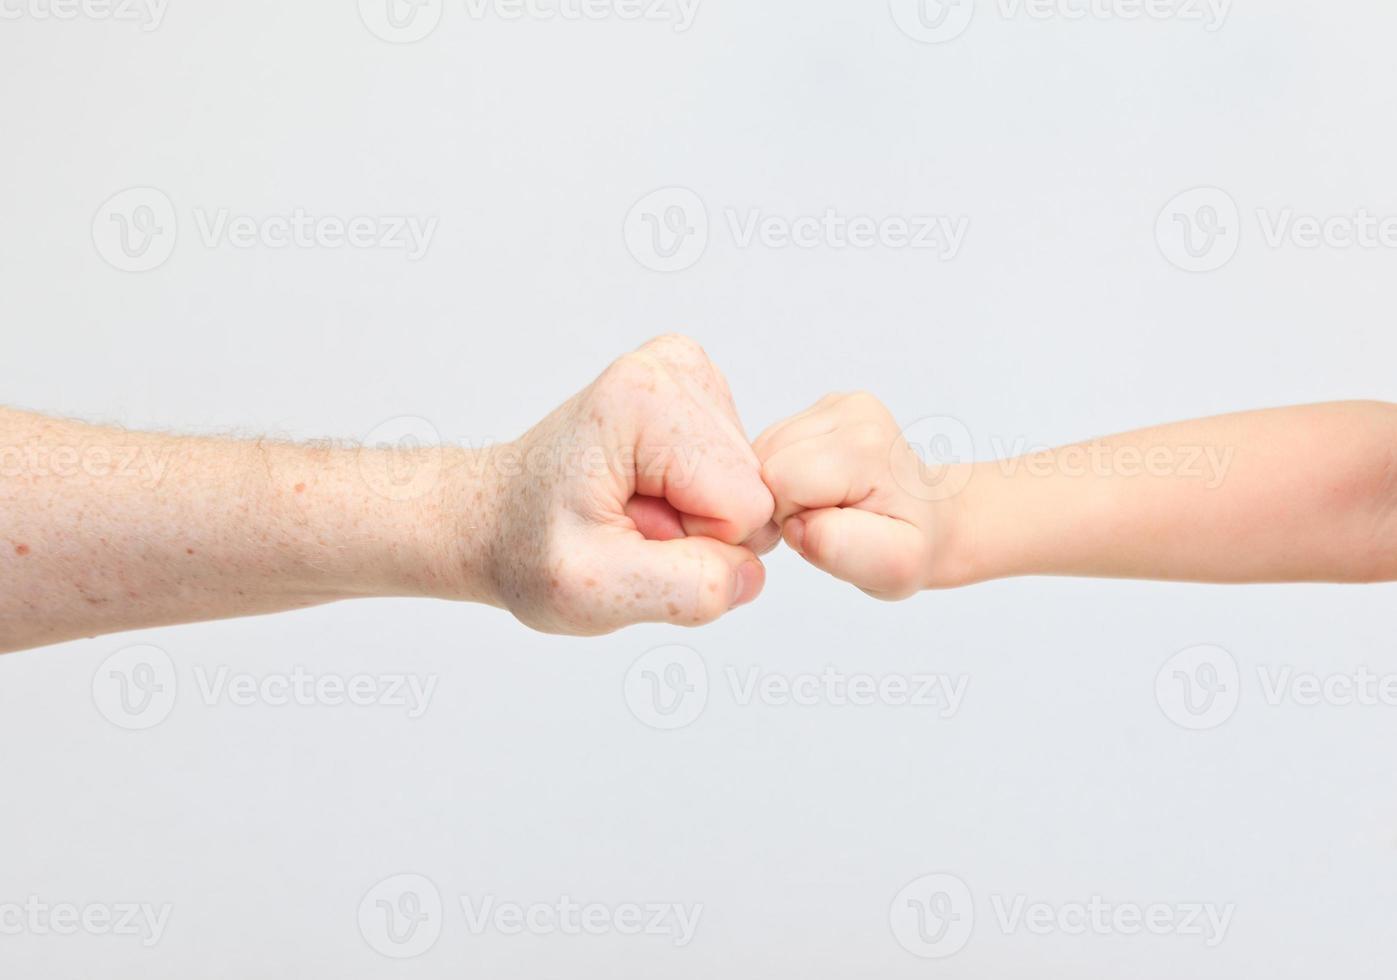 vuisten van een volwassene en een kind op wit foto